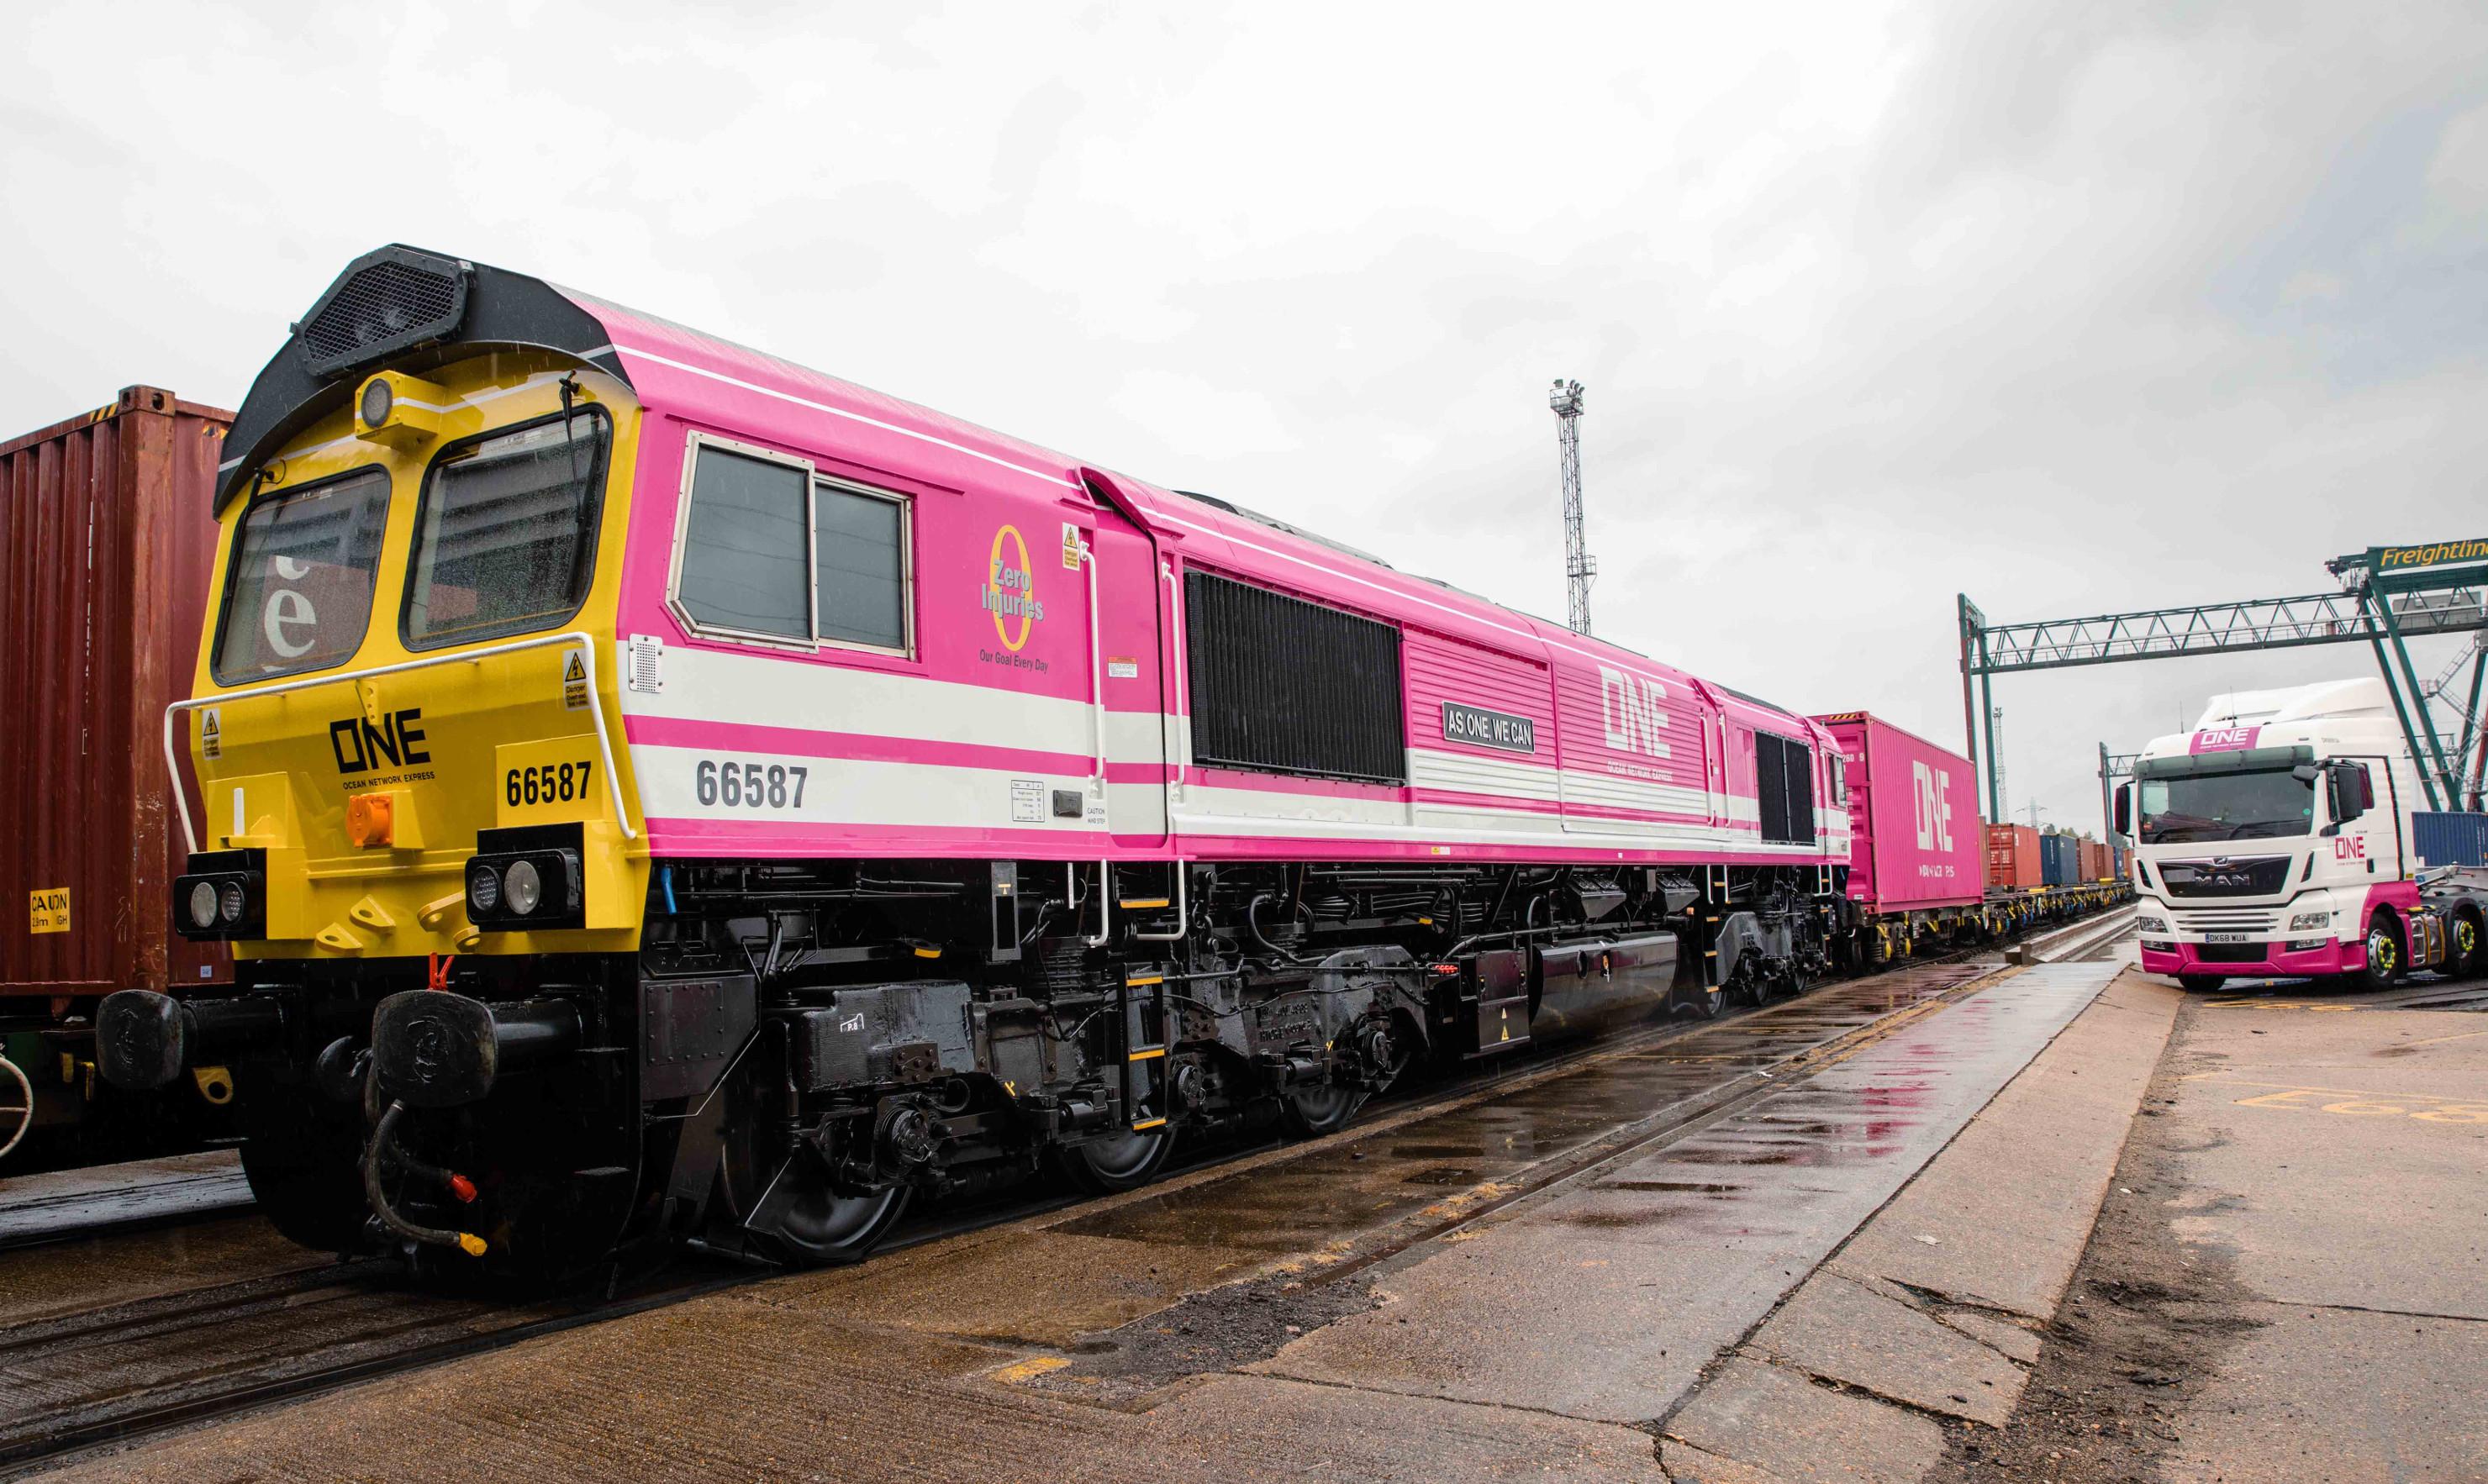 Freightliner - Intermodal Services